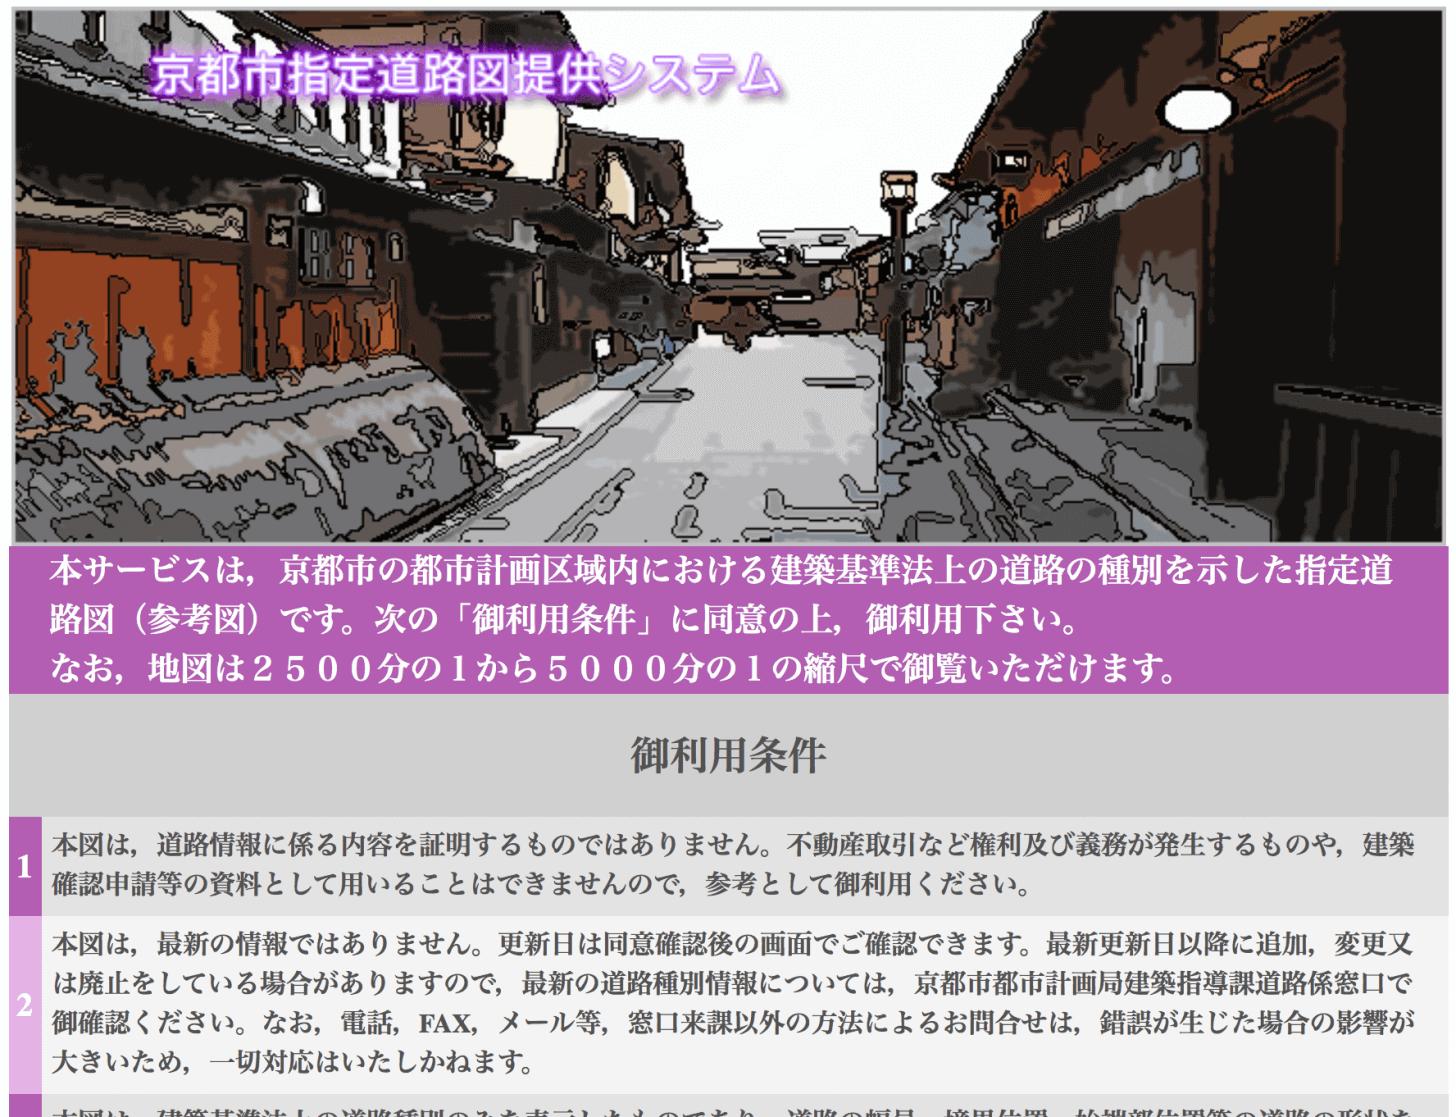 京都市「指定道路図提供システム」のスクリーンショット